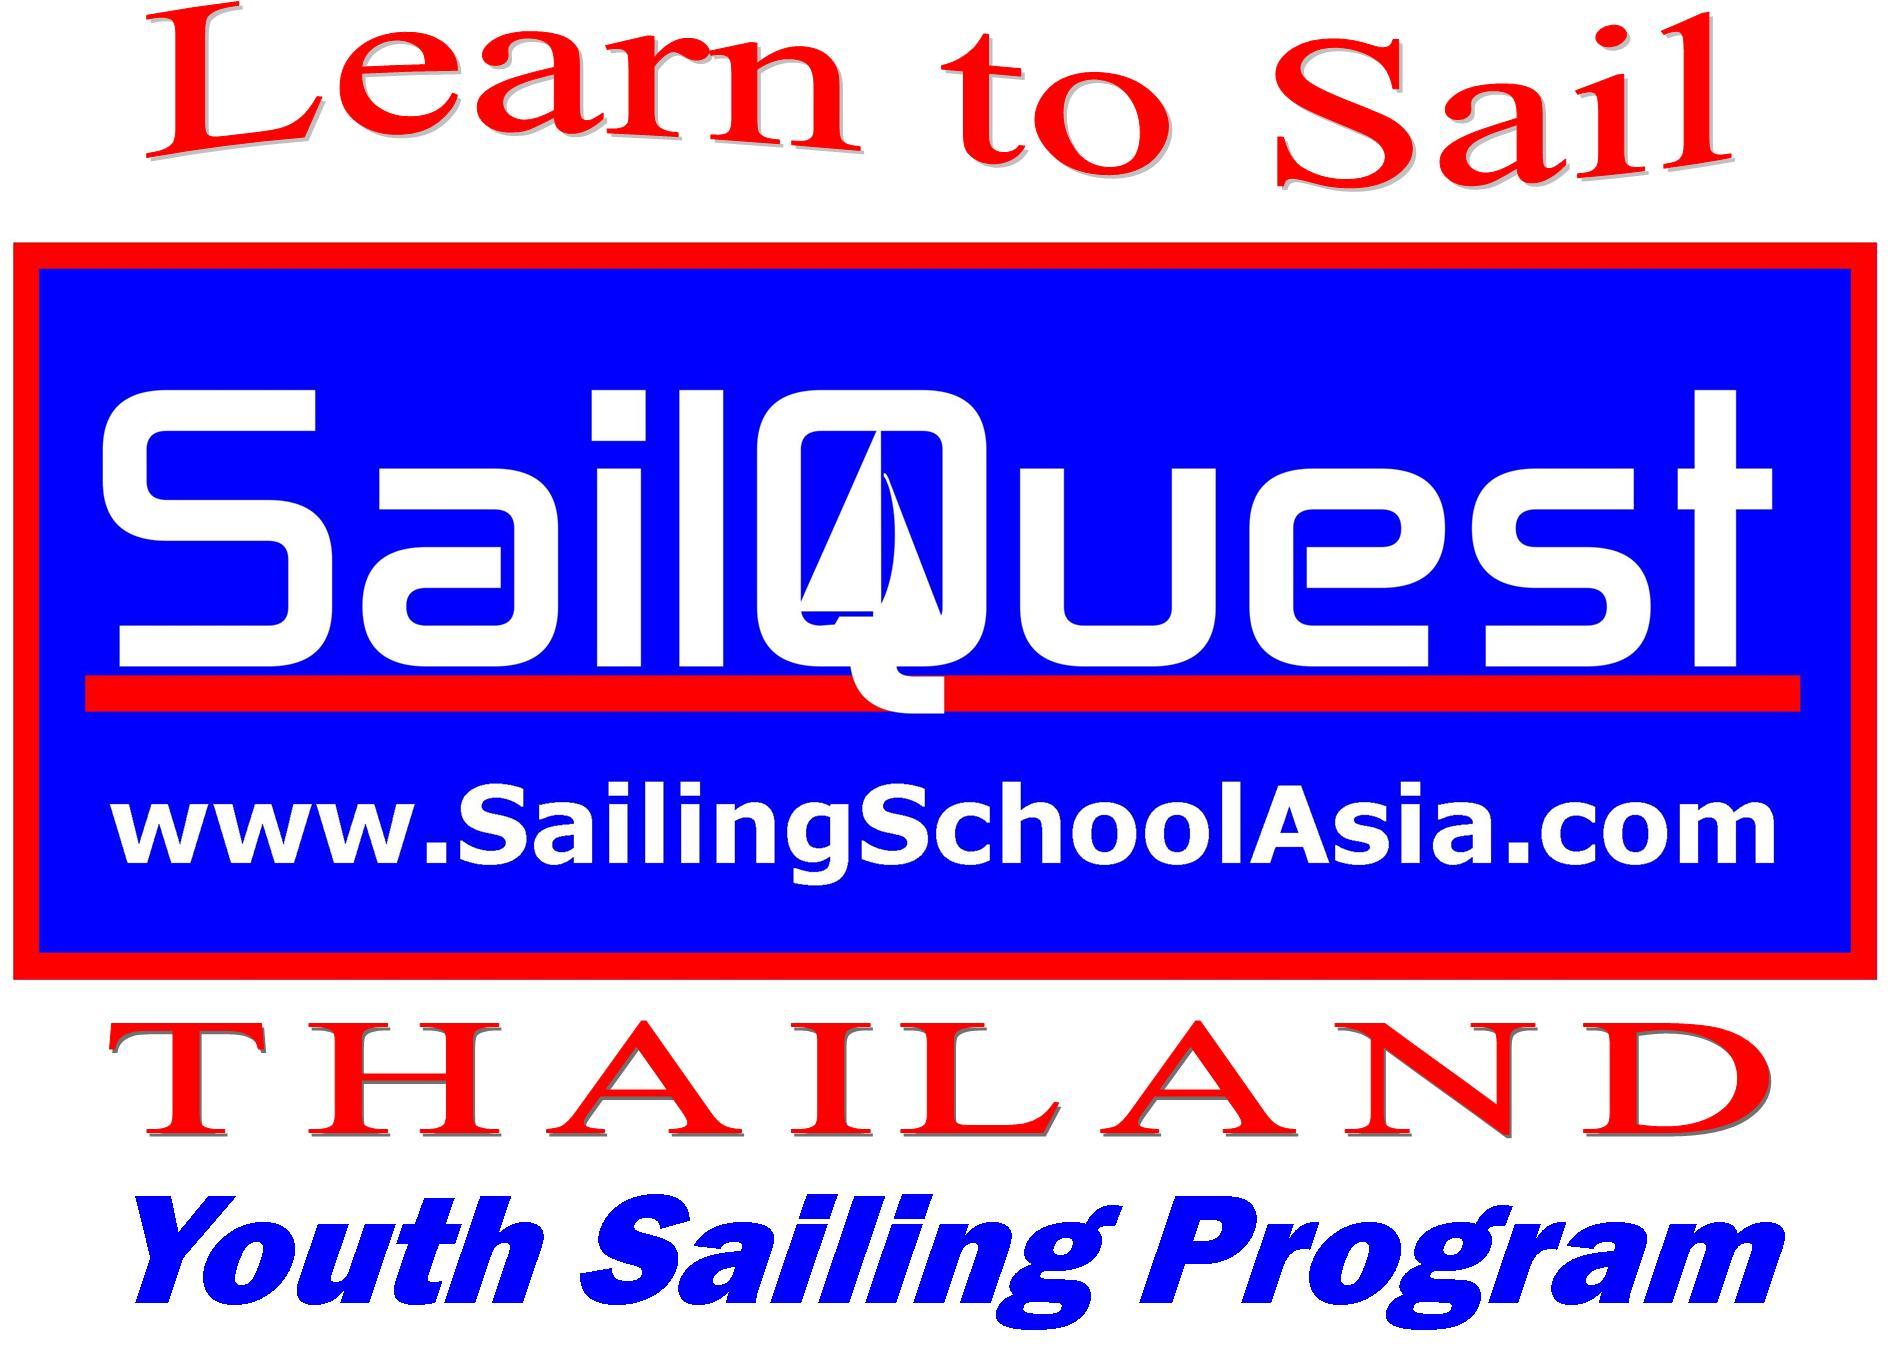 Youth Sailing Program